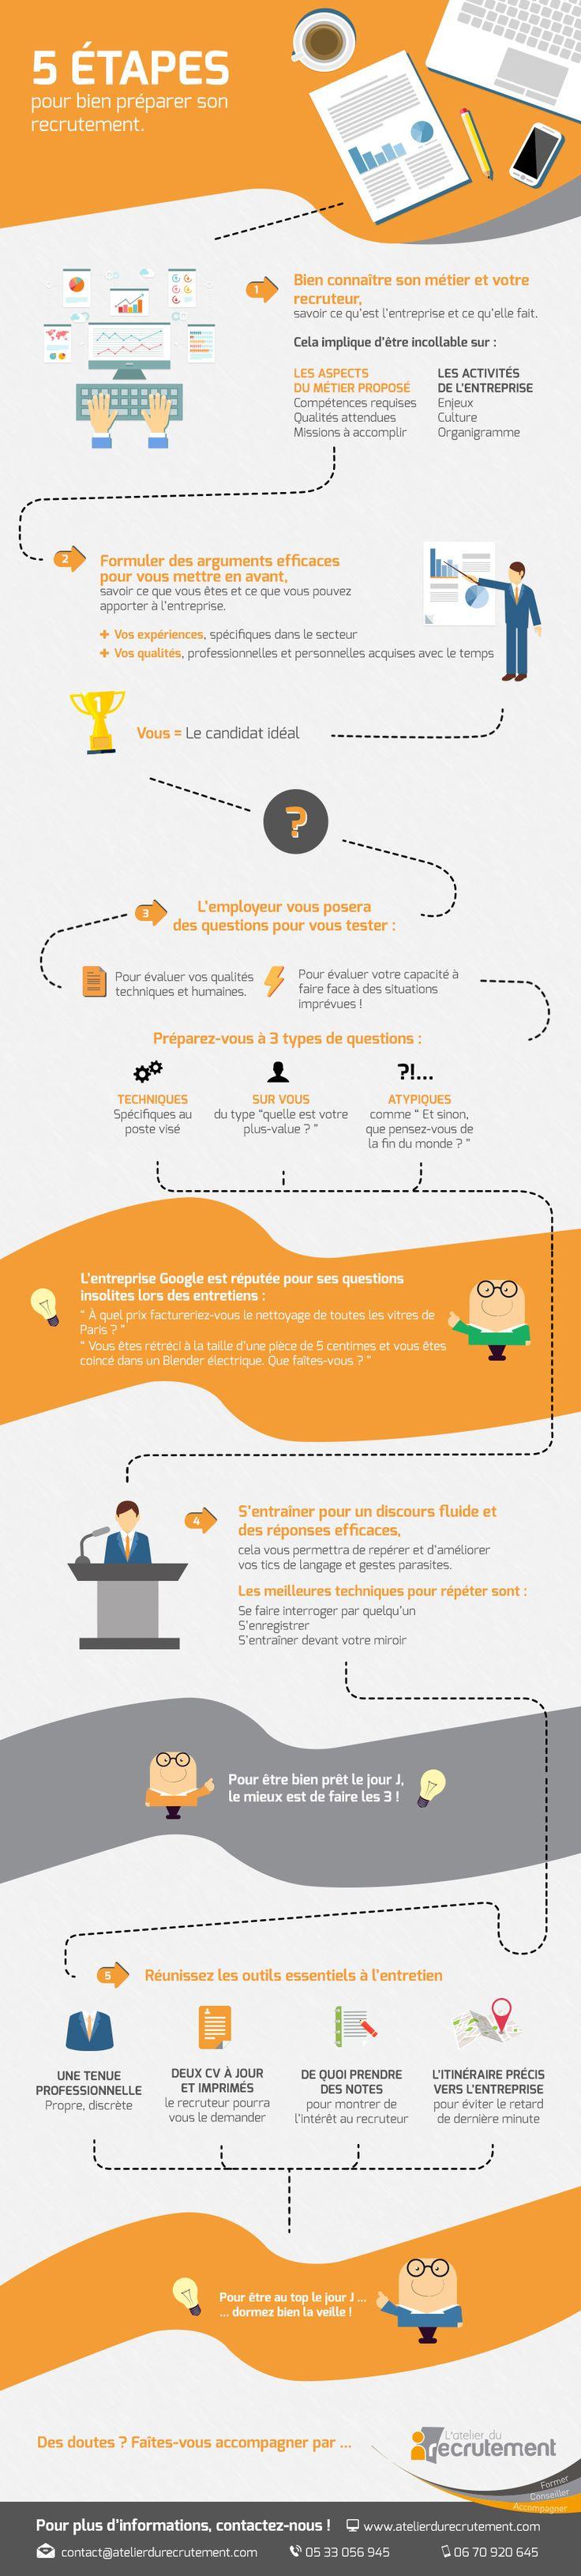 5 étapes pour préparer son entretien d'embauche